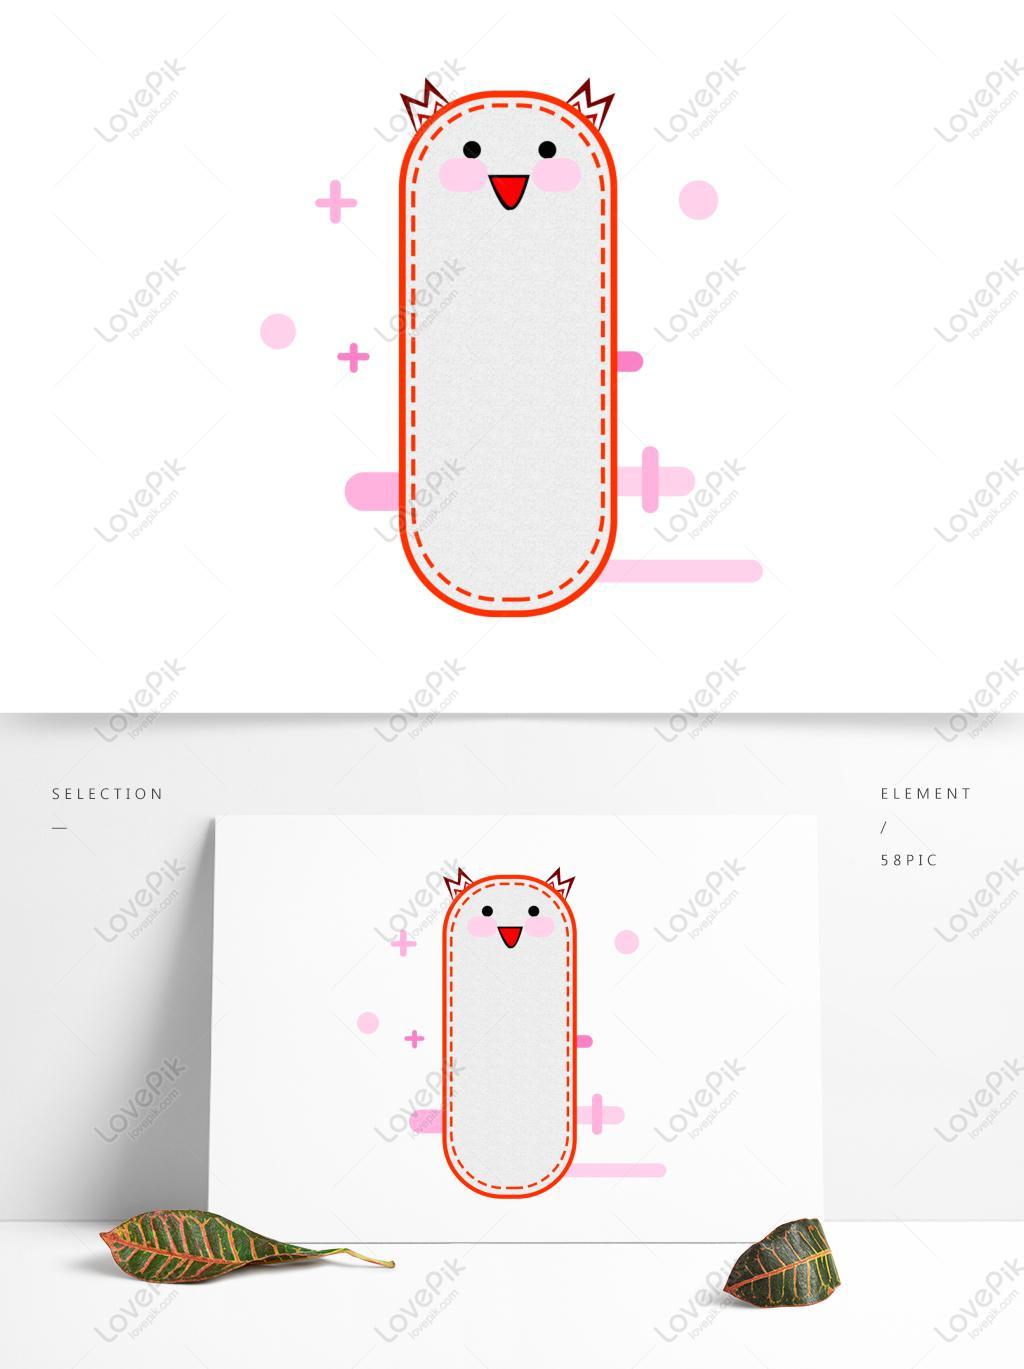 卡通可爱样书签装饰纹理边框素材简约可商用